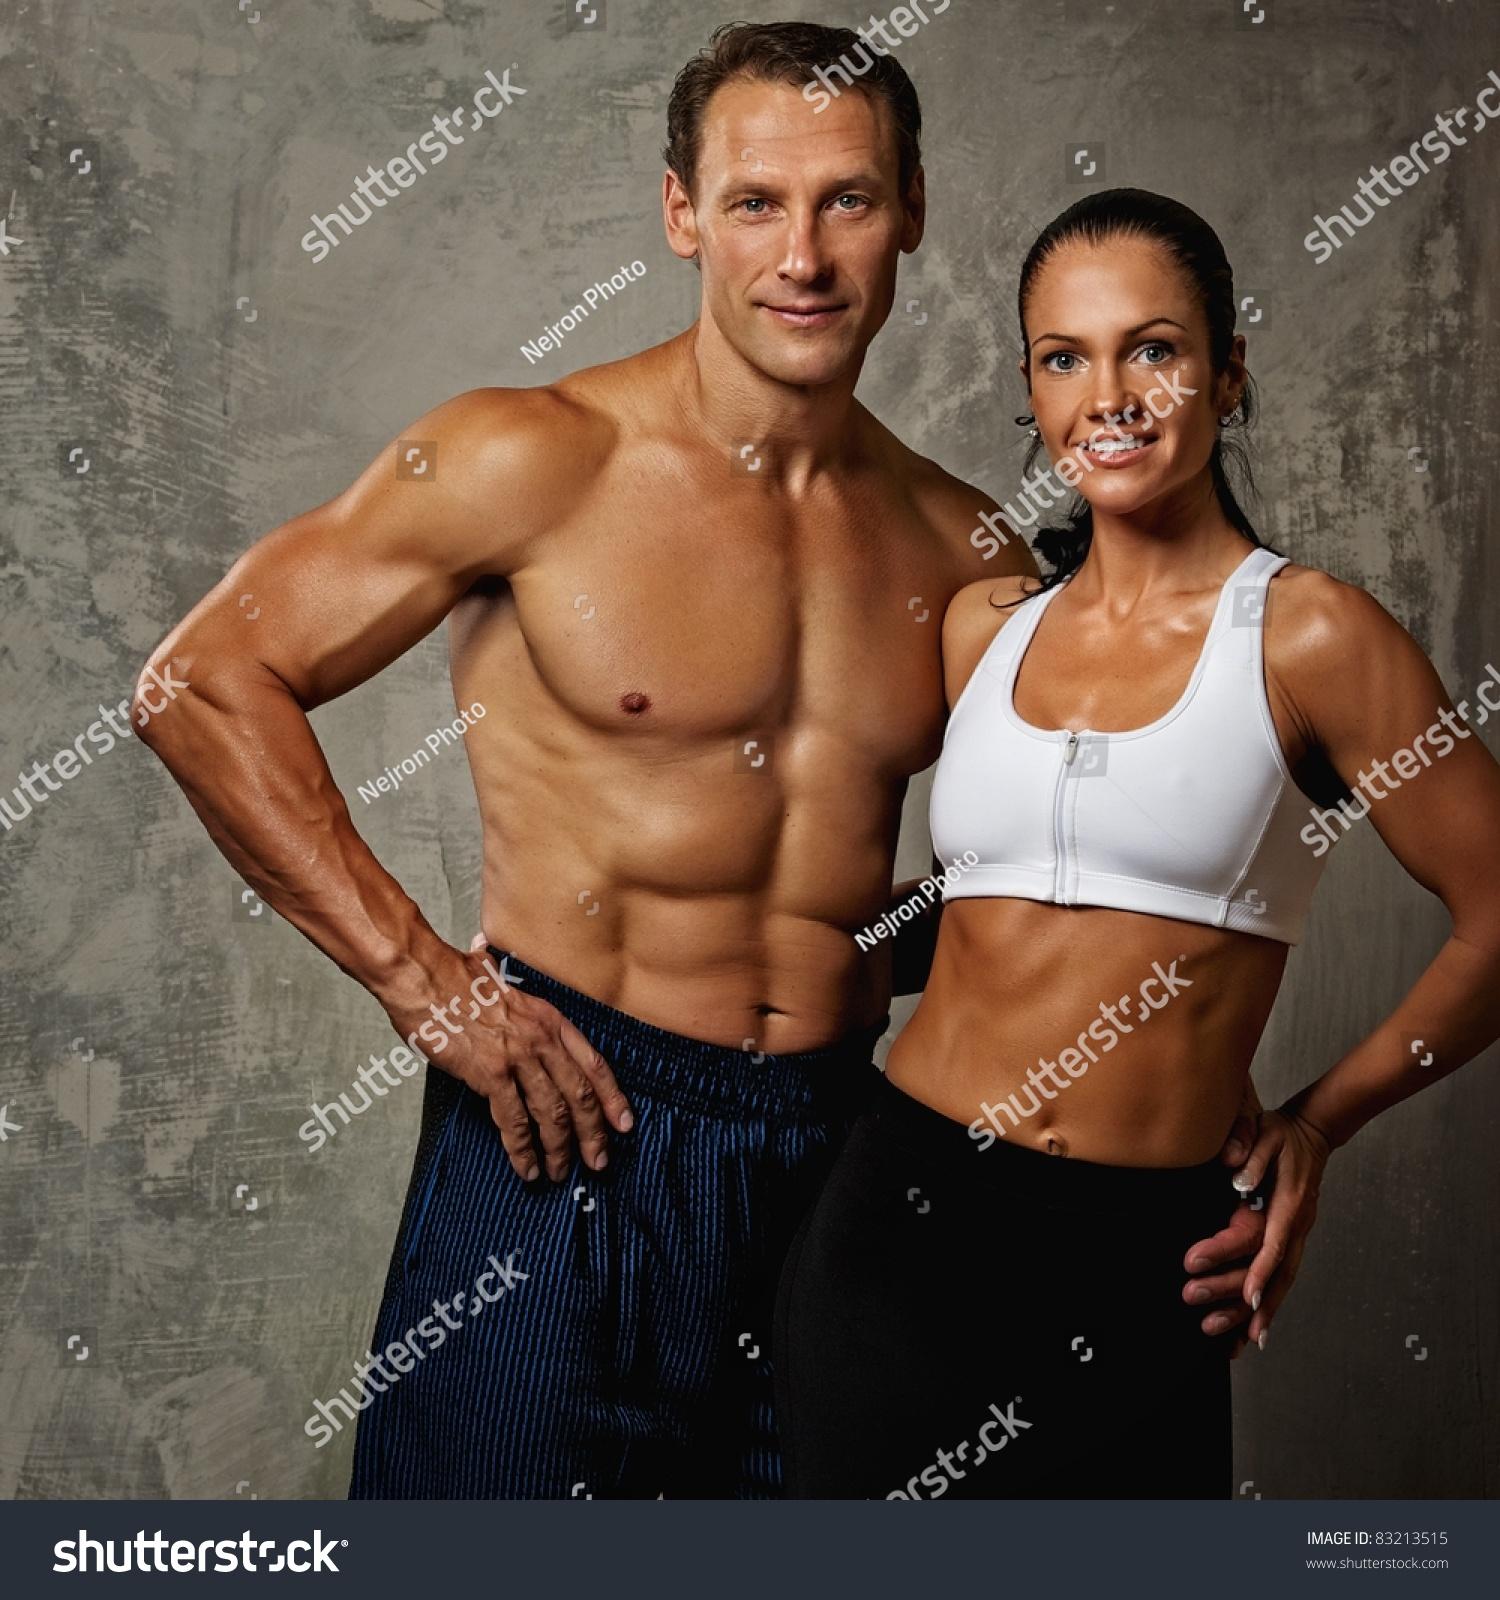 Фото мускулистых девушек в одежде 5 фотография